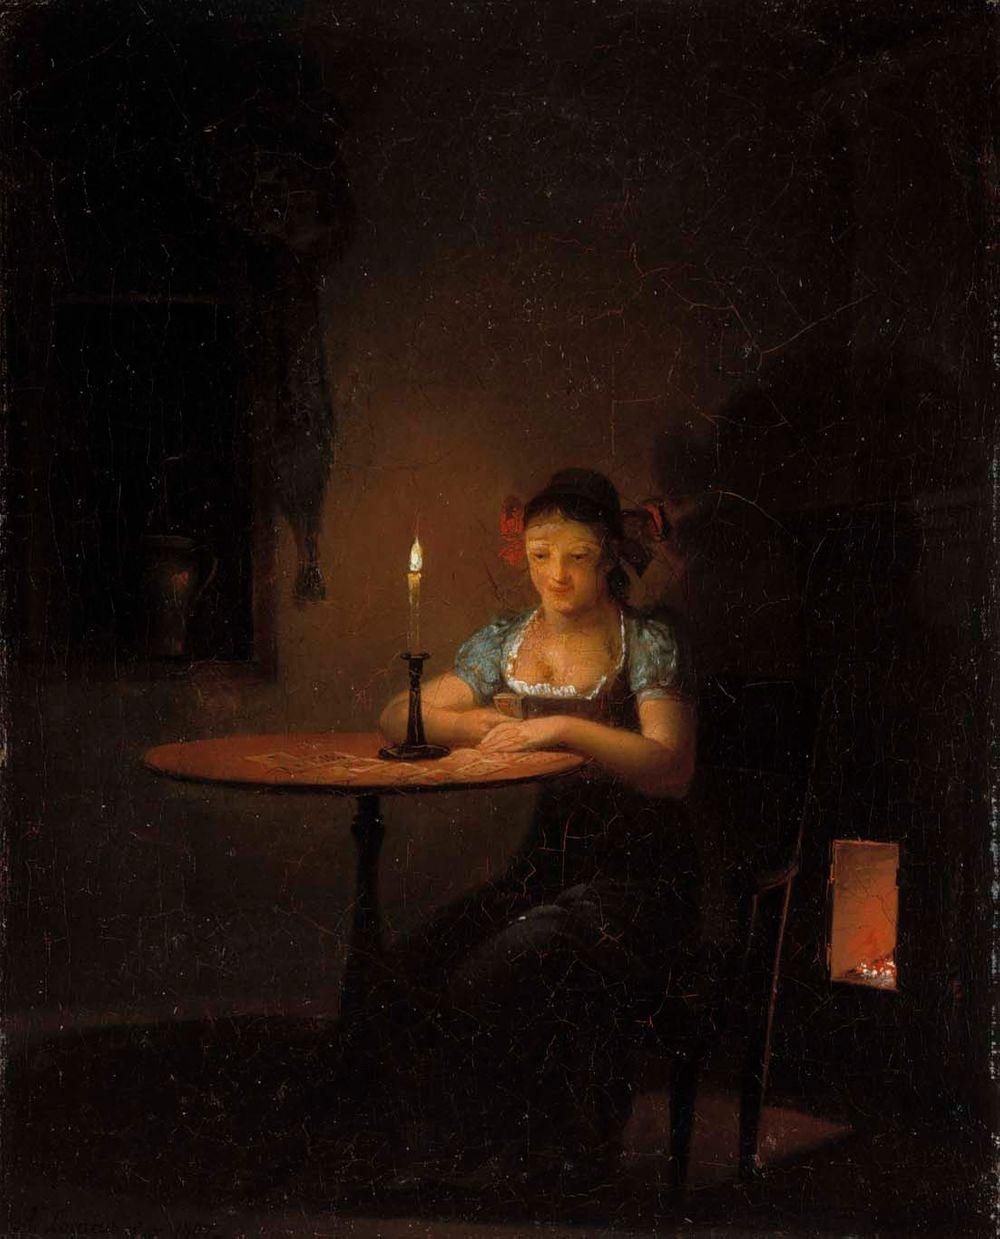 Nuori nainen pelaamassa pasianssia